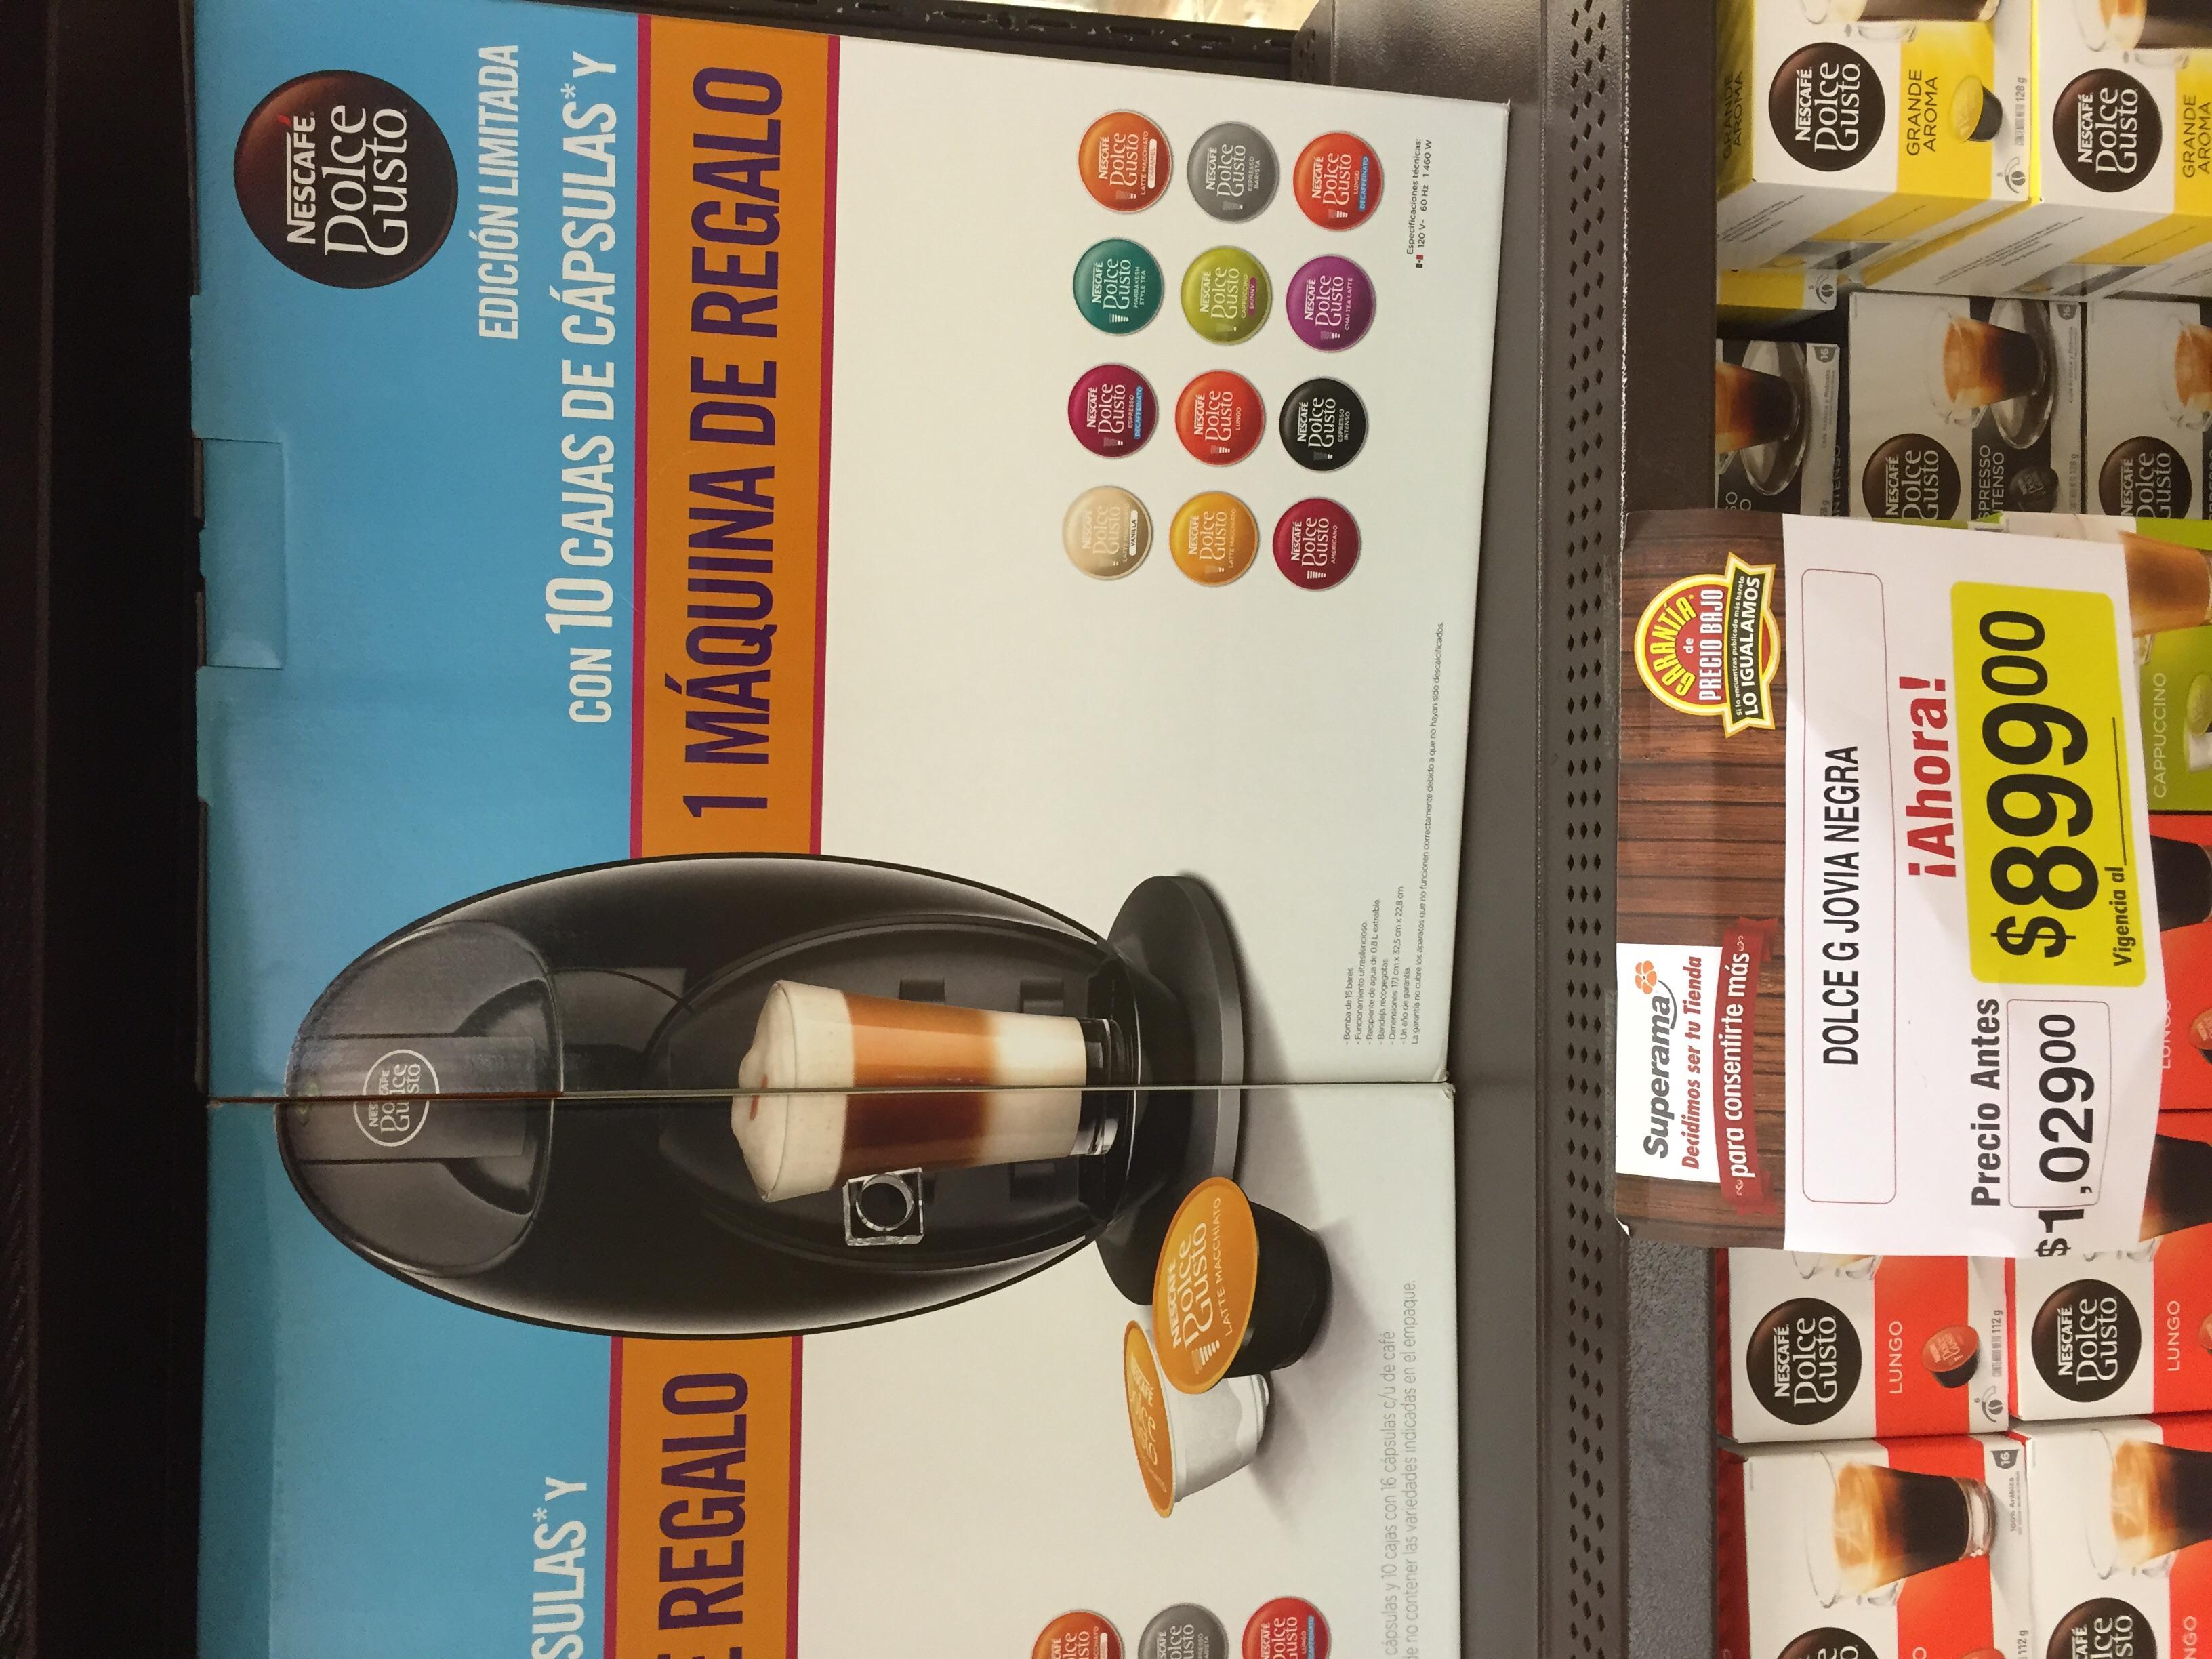 Superama: 10 cajas de Dolce Gusto y maquina gratis a $899